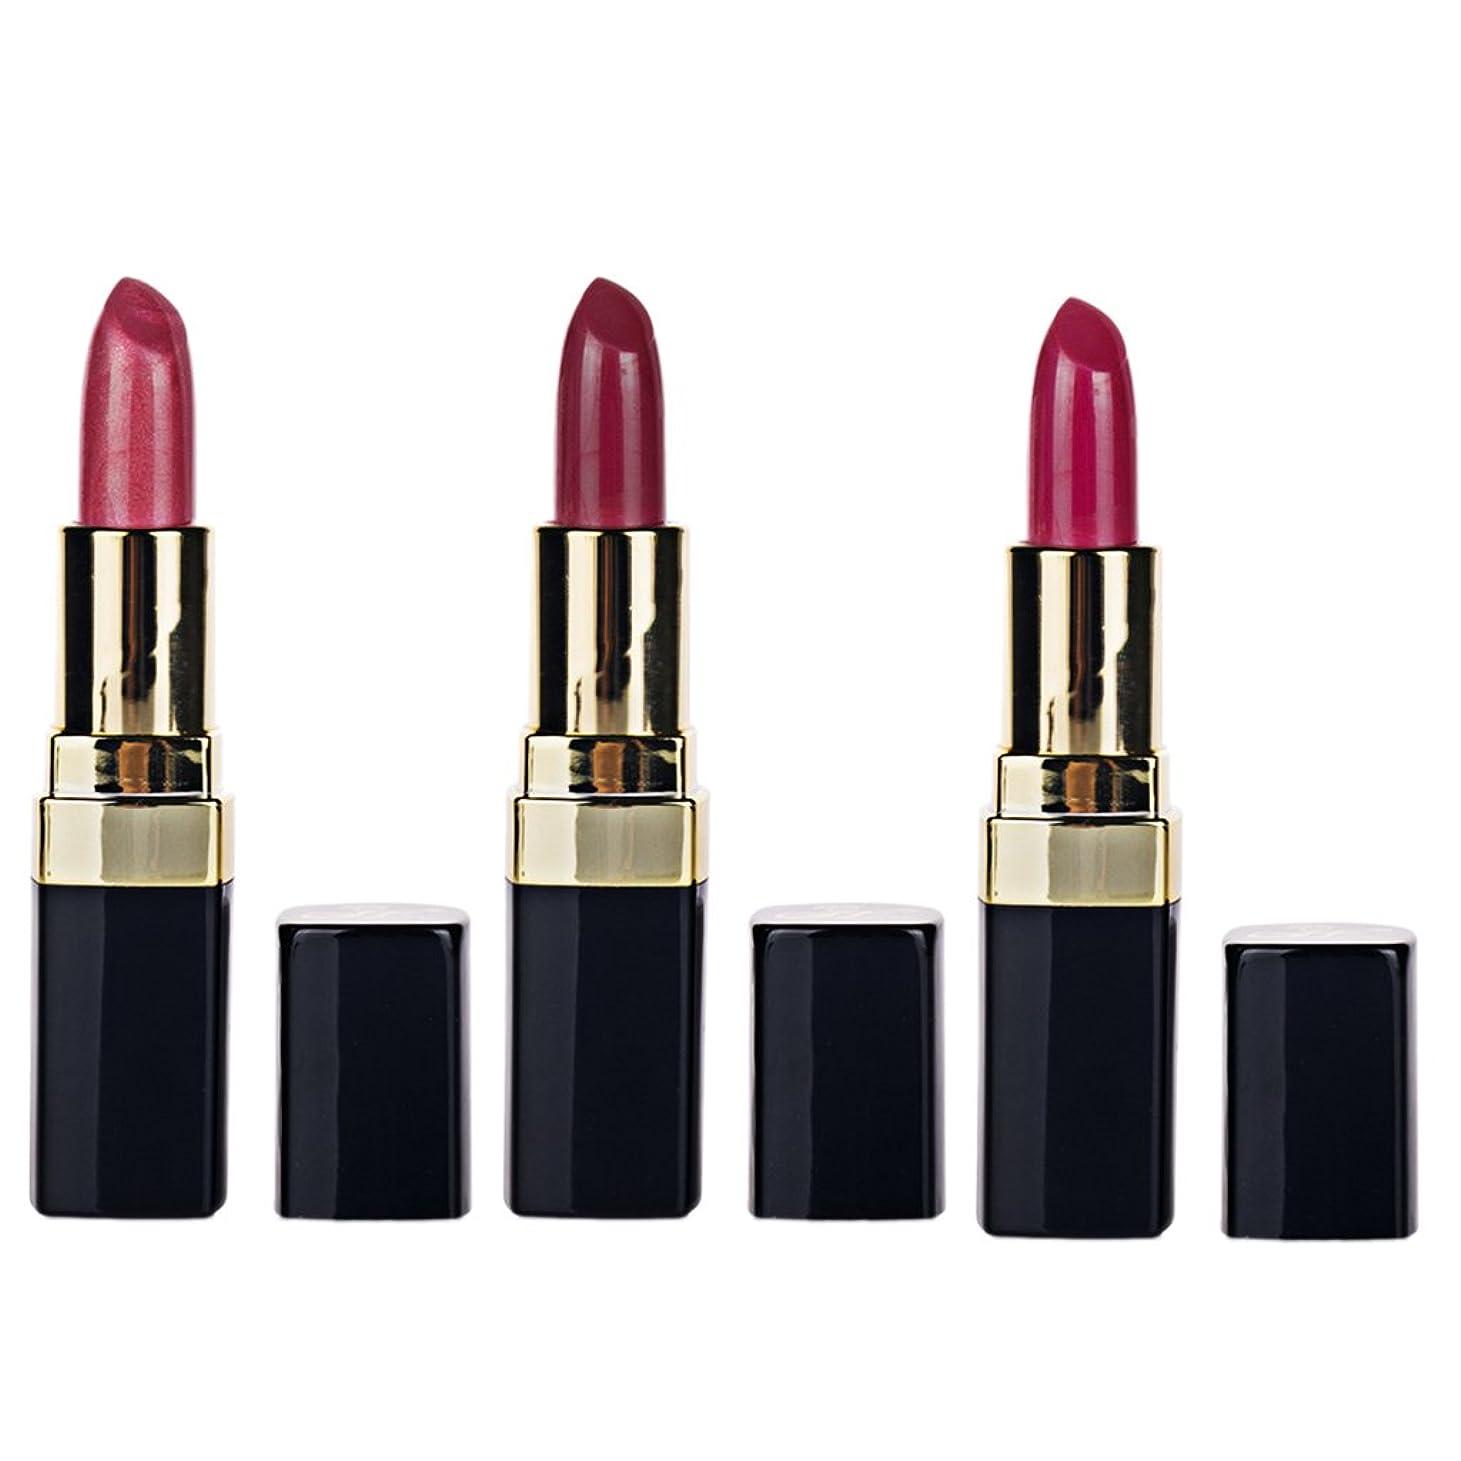 認可変える東Kesoto 高純度 顔料 ソフト 口紅 保湿 長持ち 素晴らしい 女性 ギフト 3個/セット 全4セット  - #7#8#9